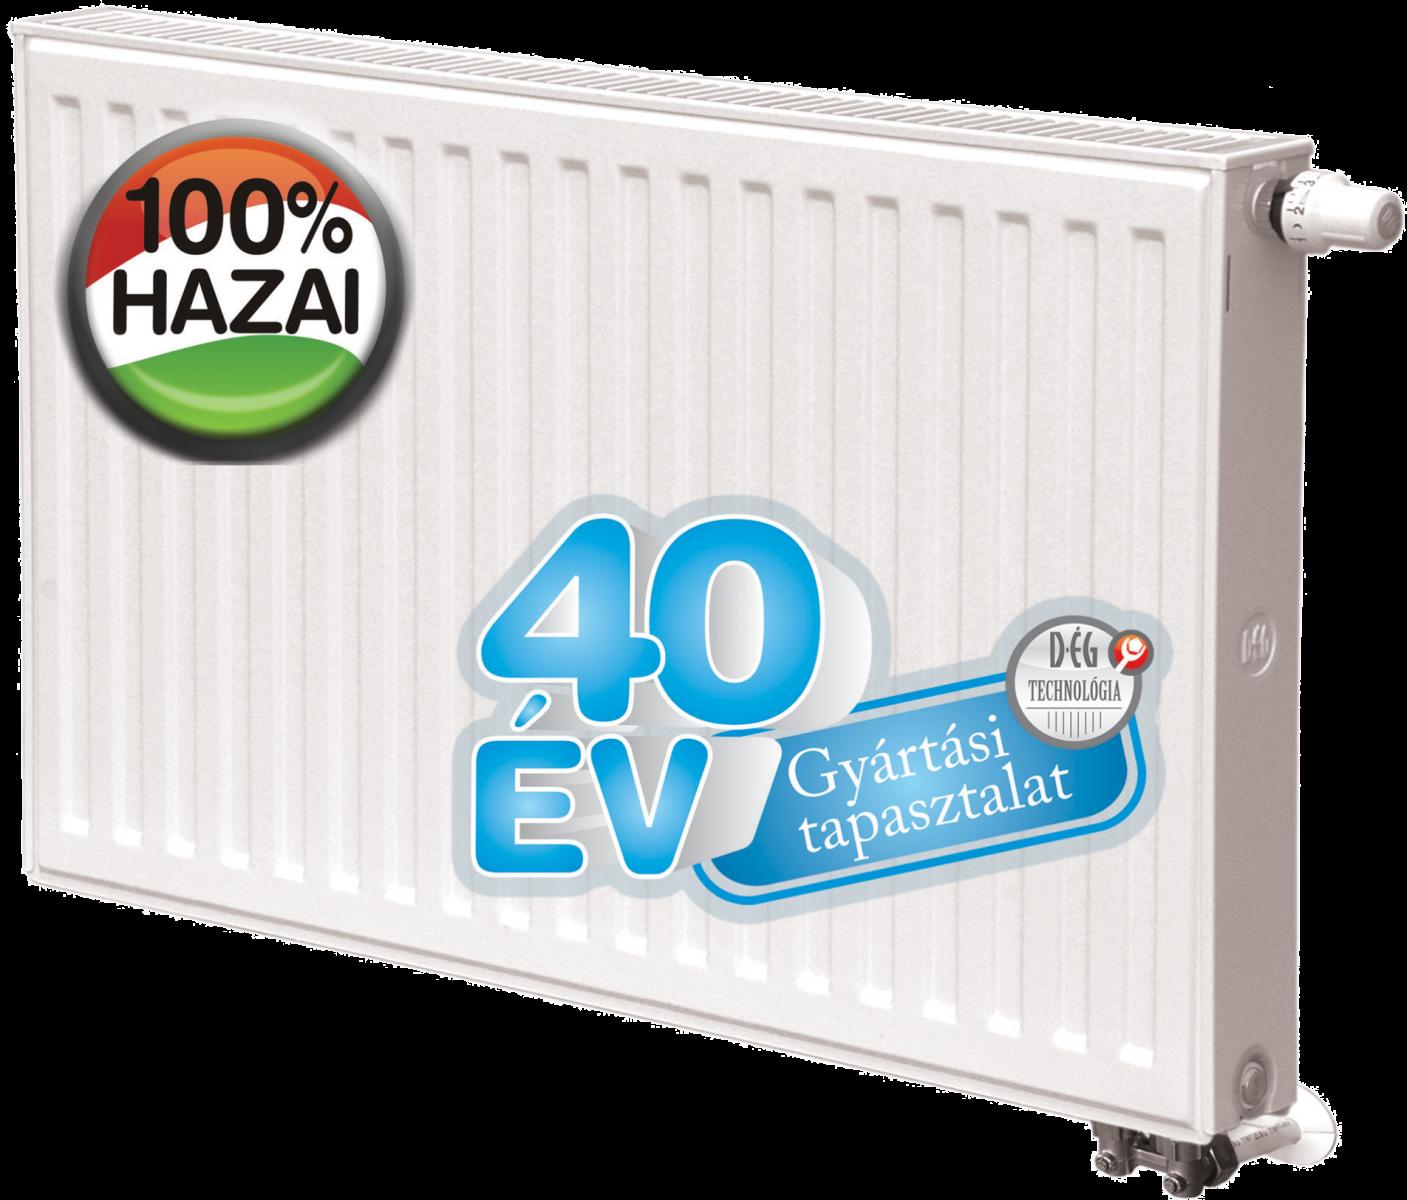 D-ÉG (Dunaferr) DK 300x1000 Lux-uNi radiátor